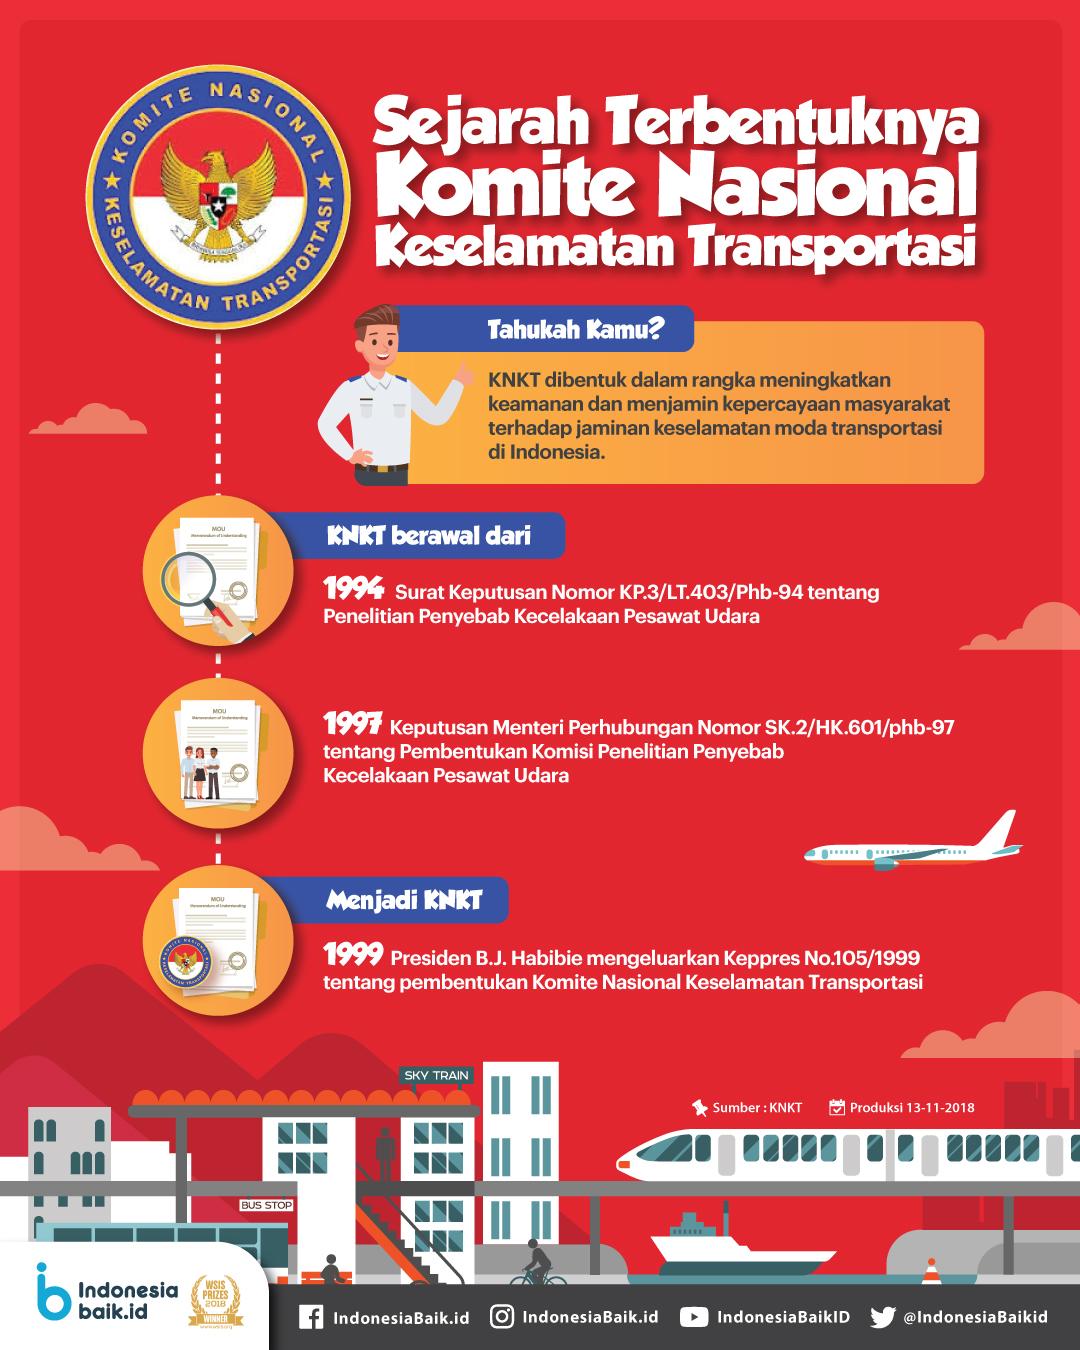 Sejarah Terbentuknya Komite Nasional Keselamatan Transportasi